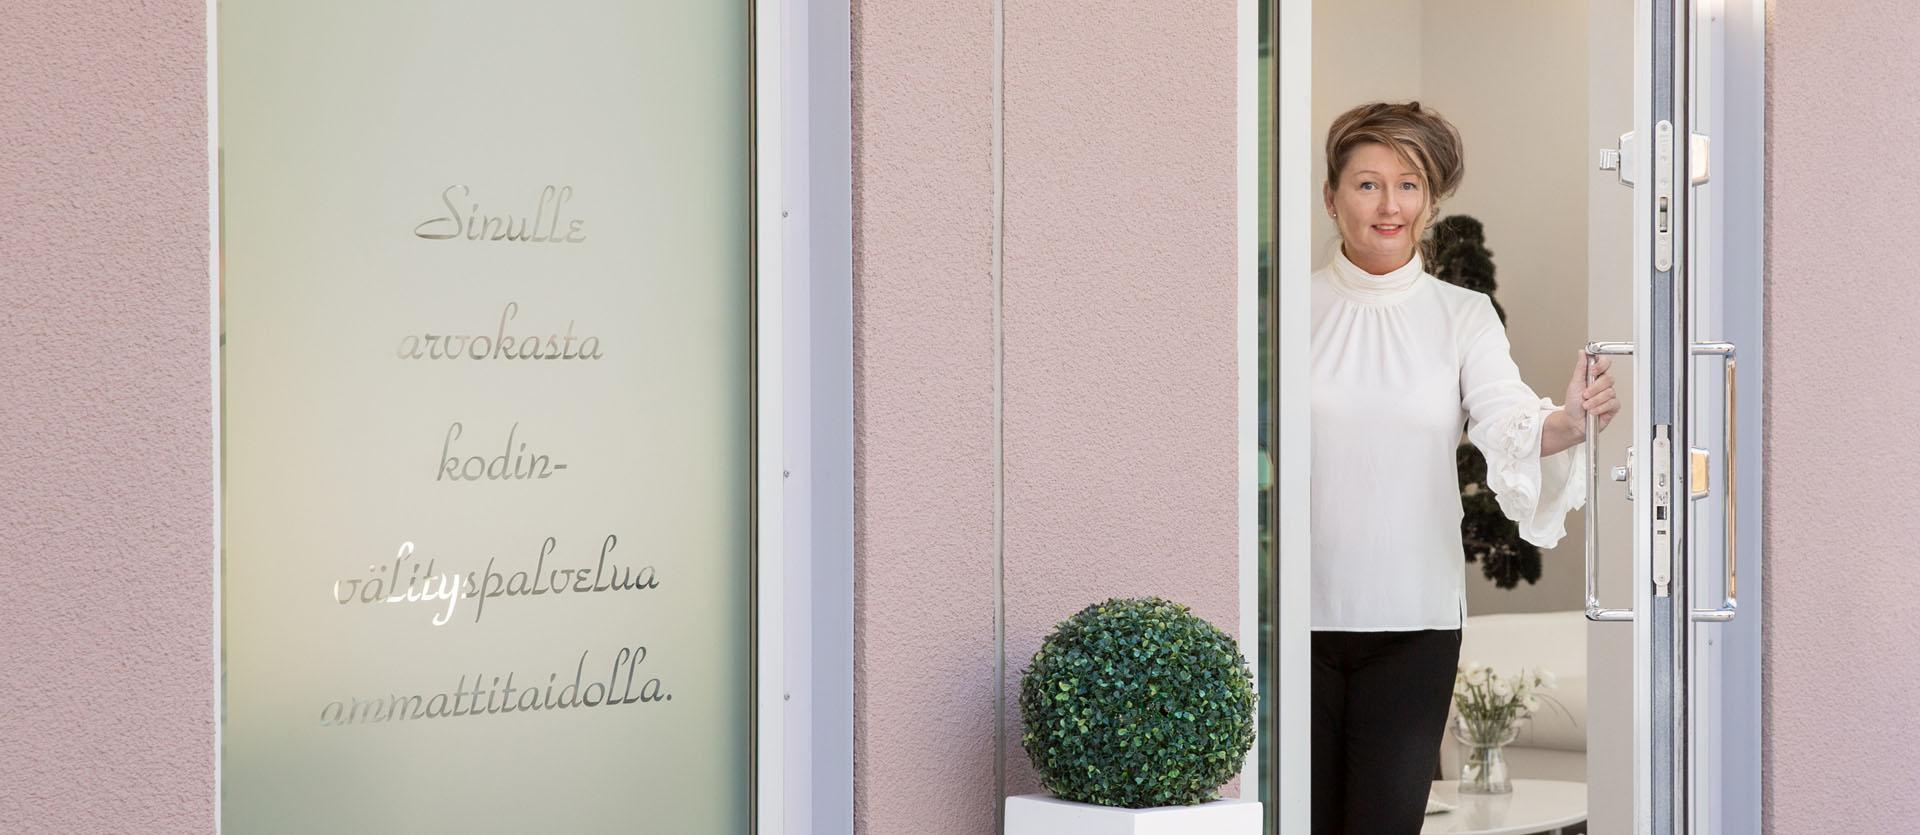 KodinLaatuvälitys-Marjo-ovella